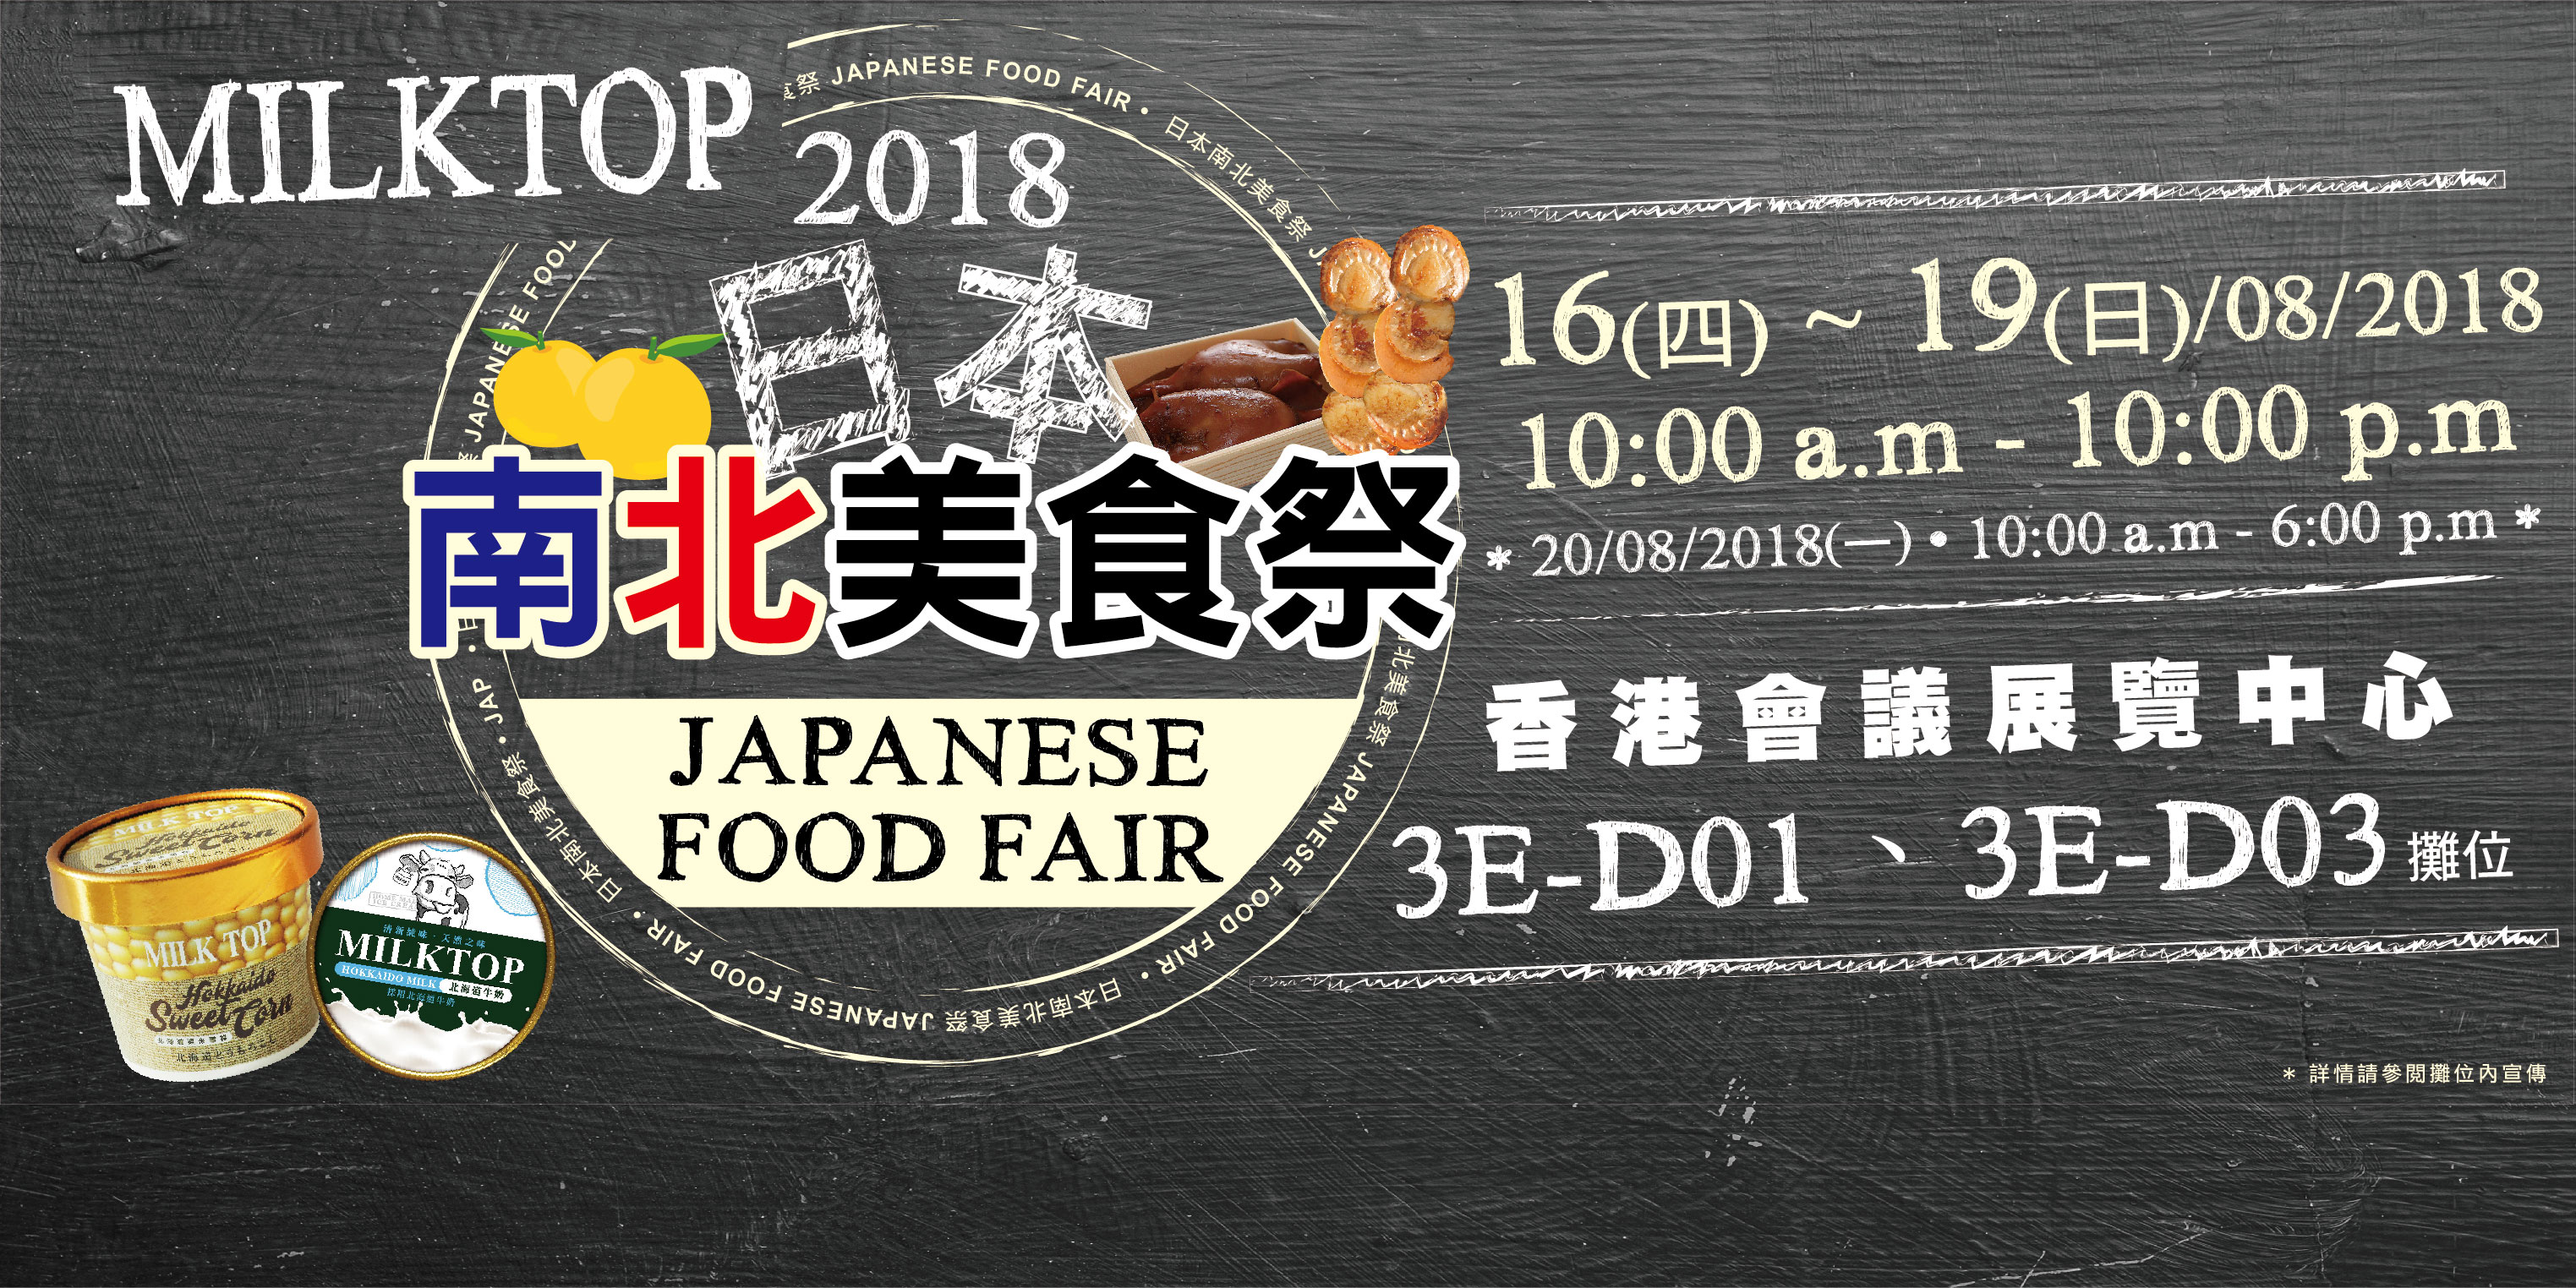 2018 美食博覽 - MILKTOP 南北美食祭